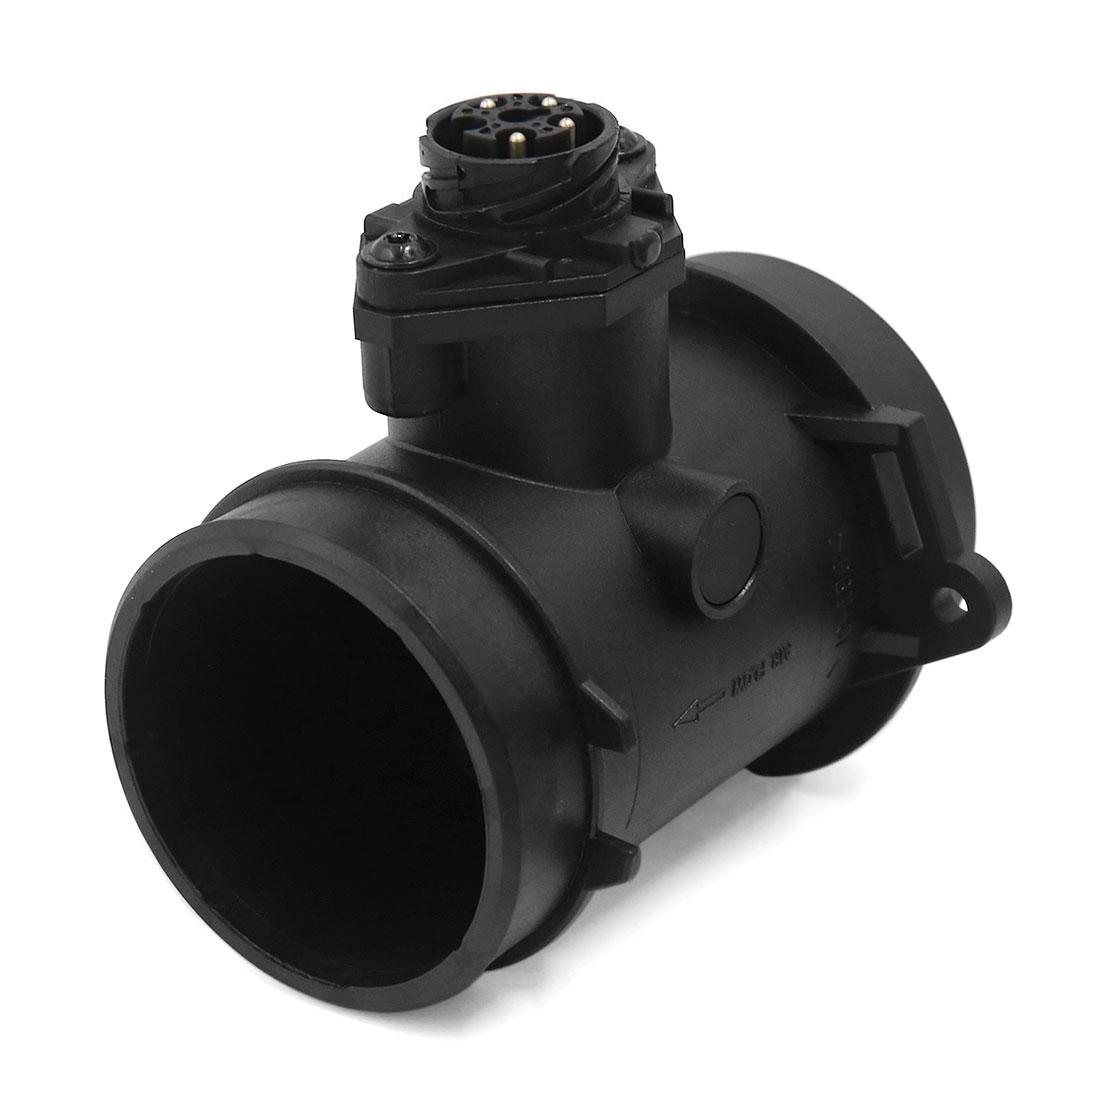 MAF Mass Air Flow Meter Sensor For MERCEDES-BENZ 000 094 05 48 / A 000 094 05 48